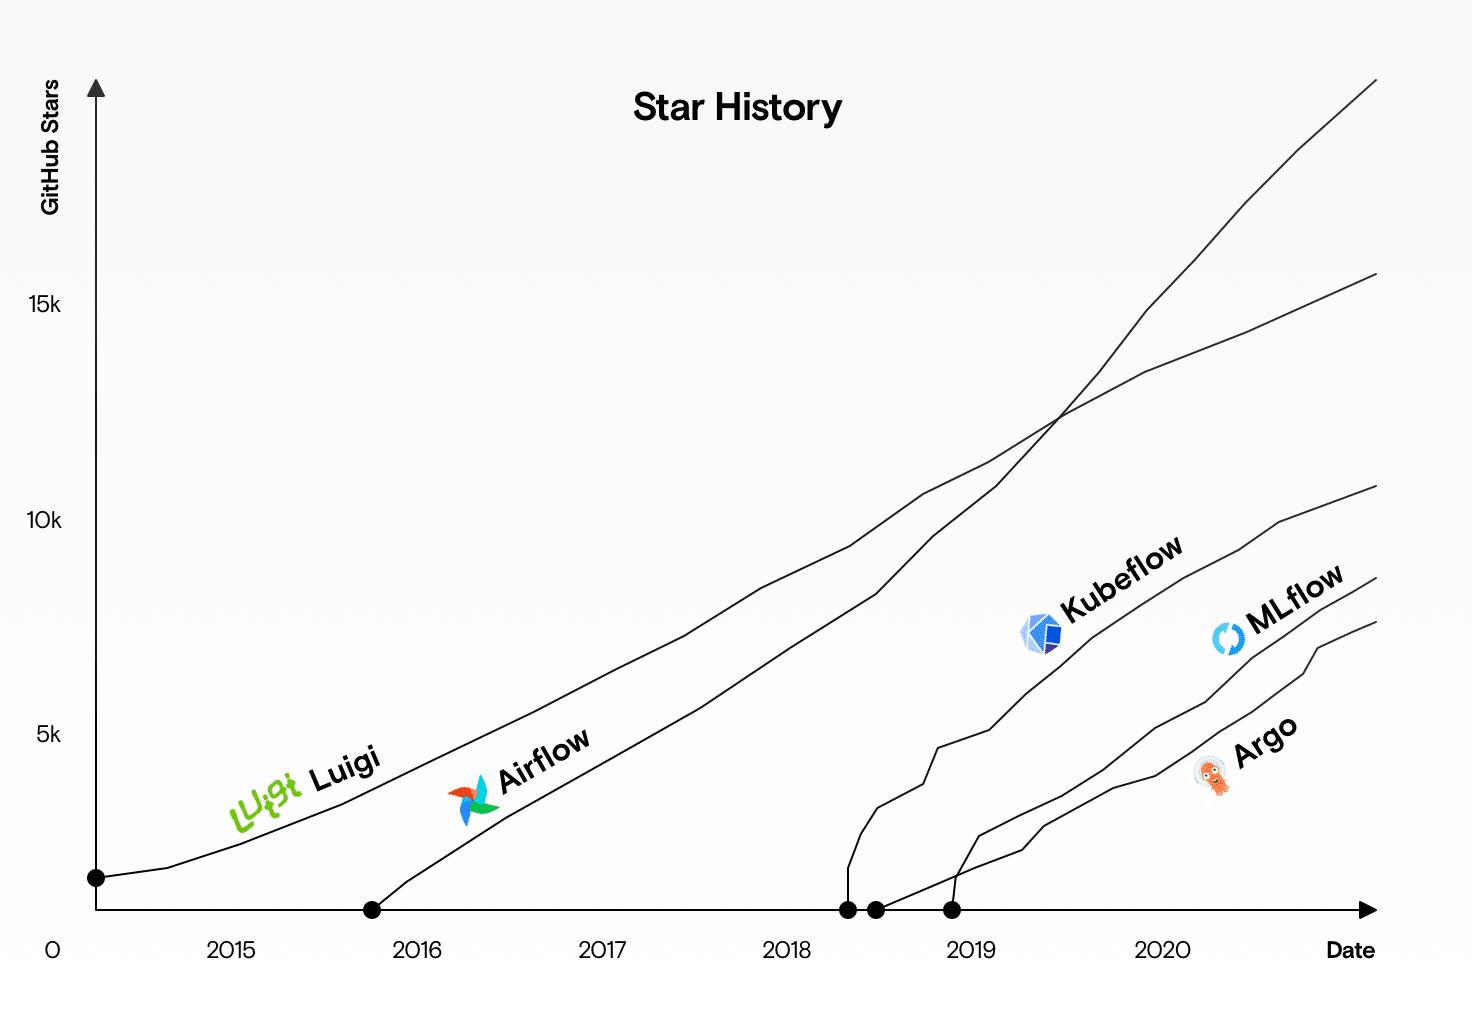 Eine Übersicht des Wachstums verschiedener Workflow Tools seit 2014.